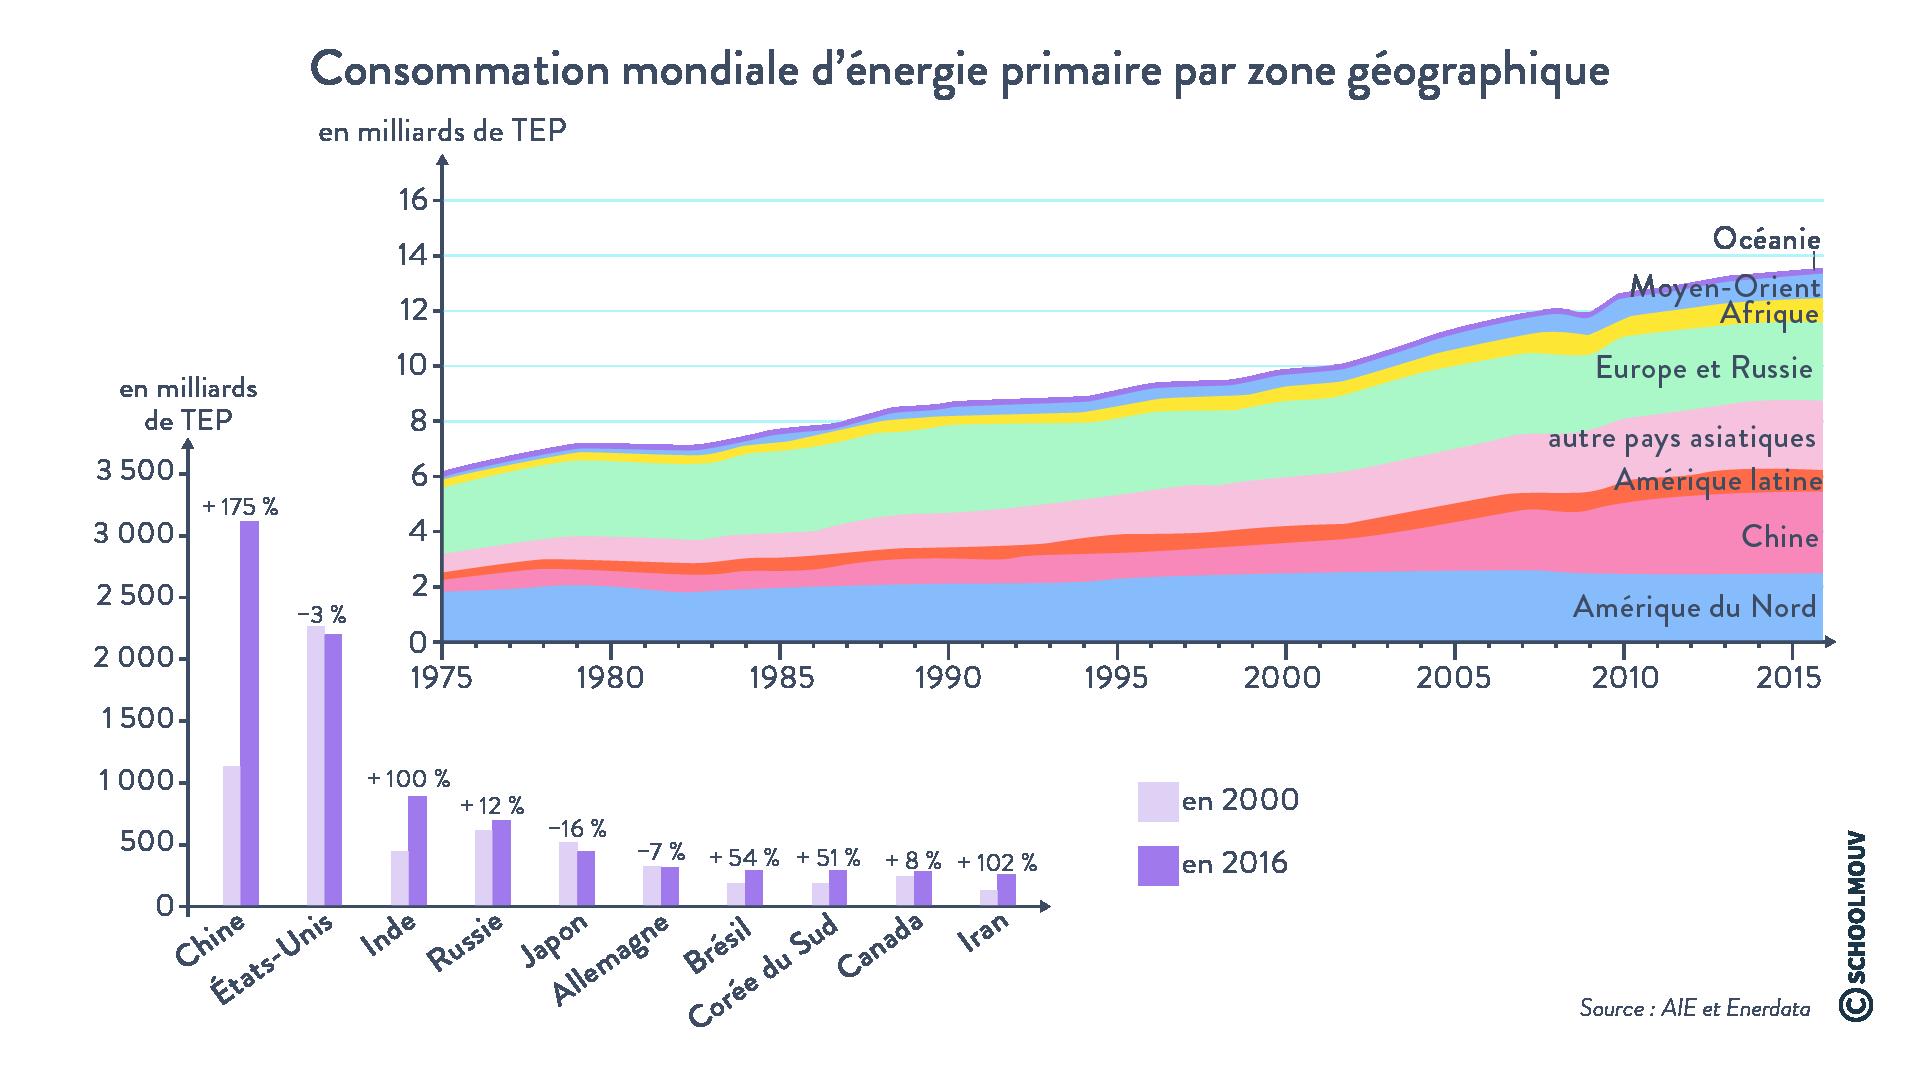 Consommation mondiale d'énergie primaire par zone géographique